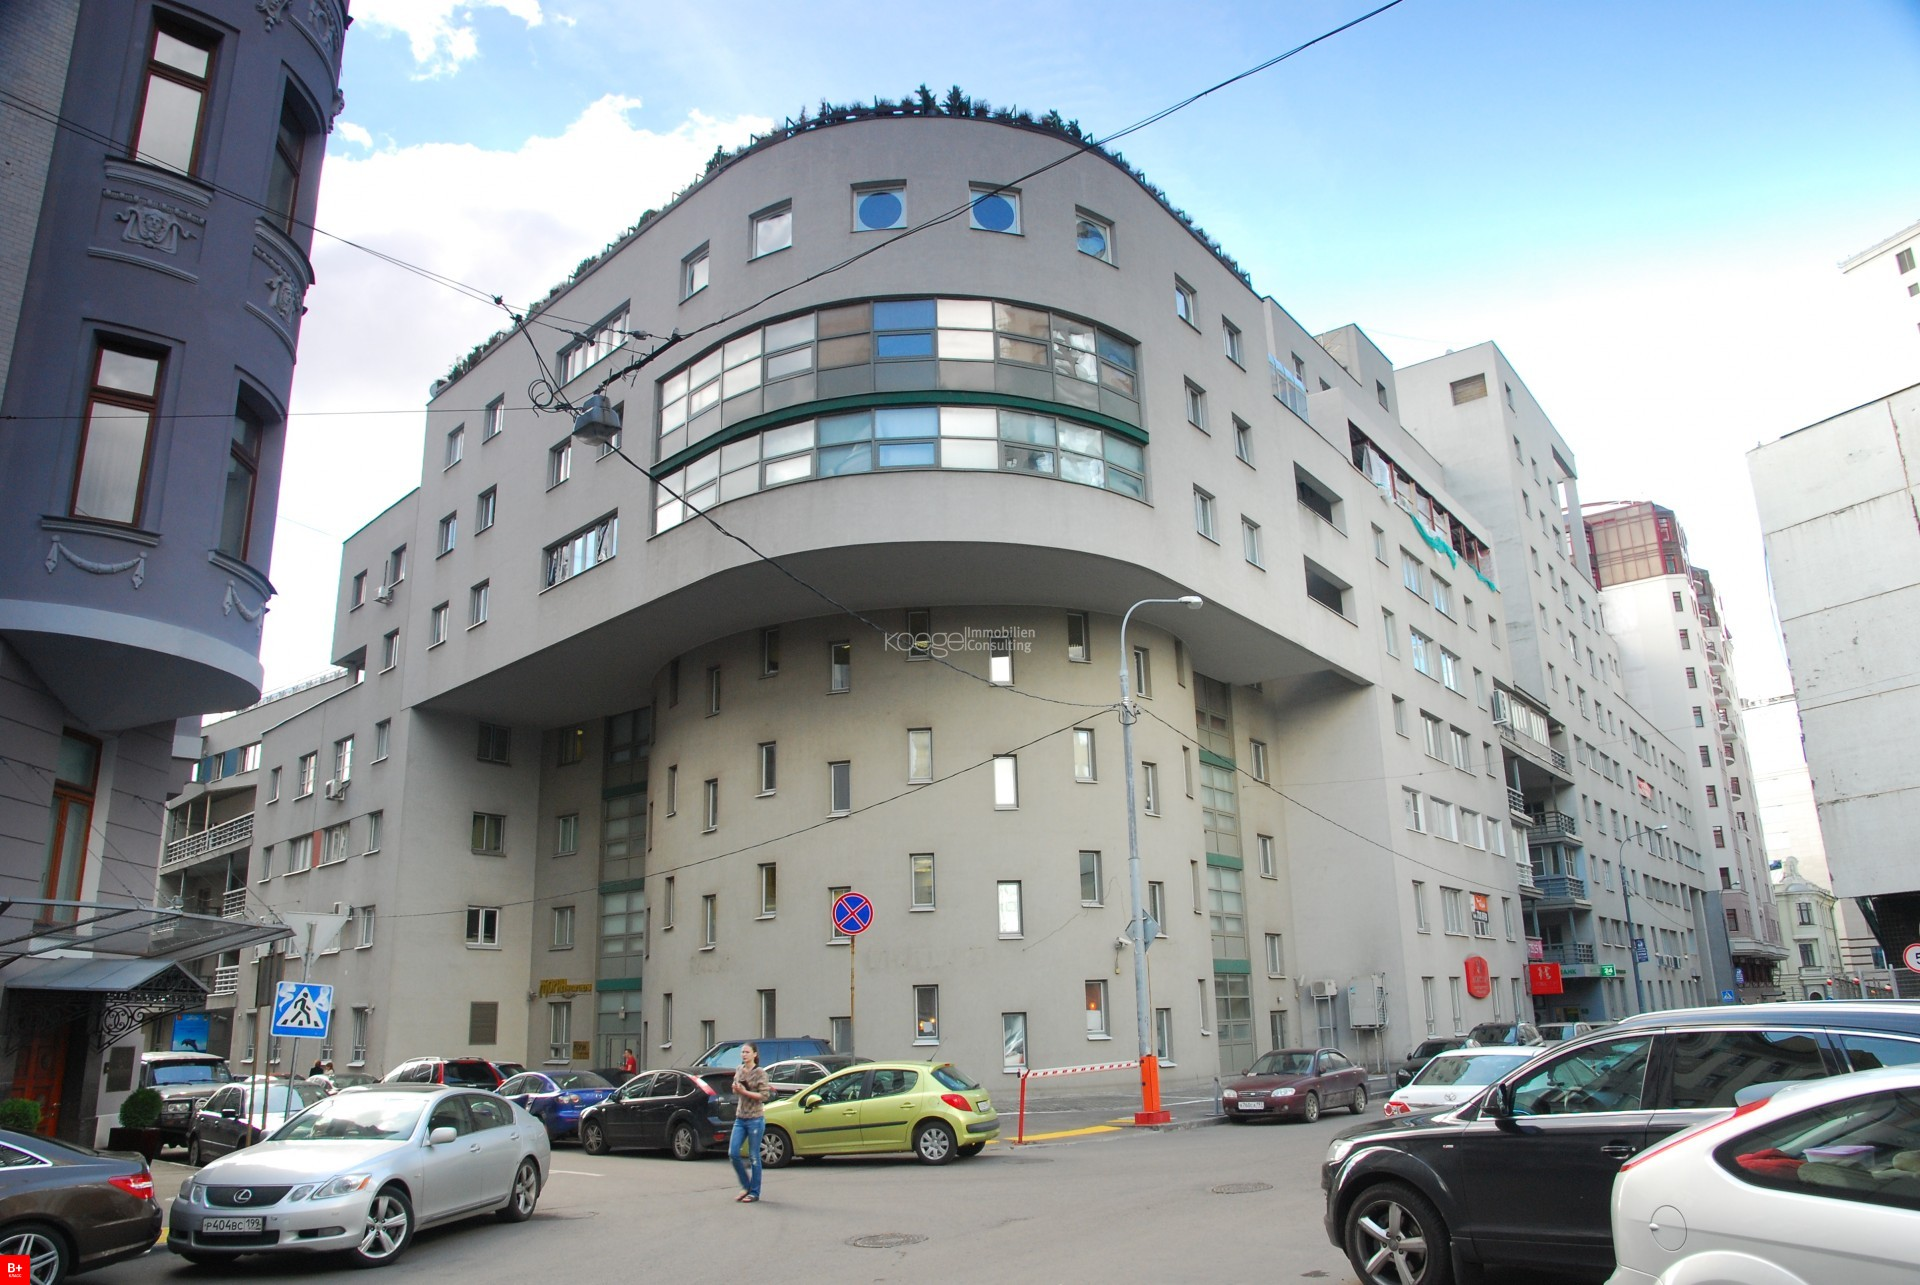 Арендовать помещение под офис Композиторская улица найти помещение под офис Муравская 2-я улица